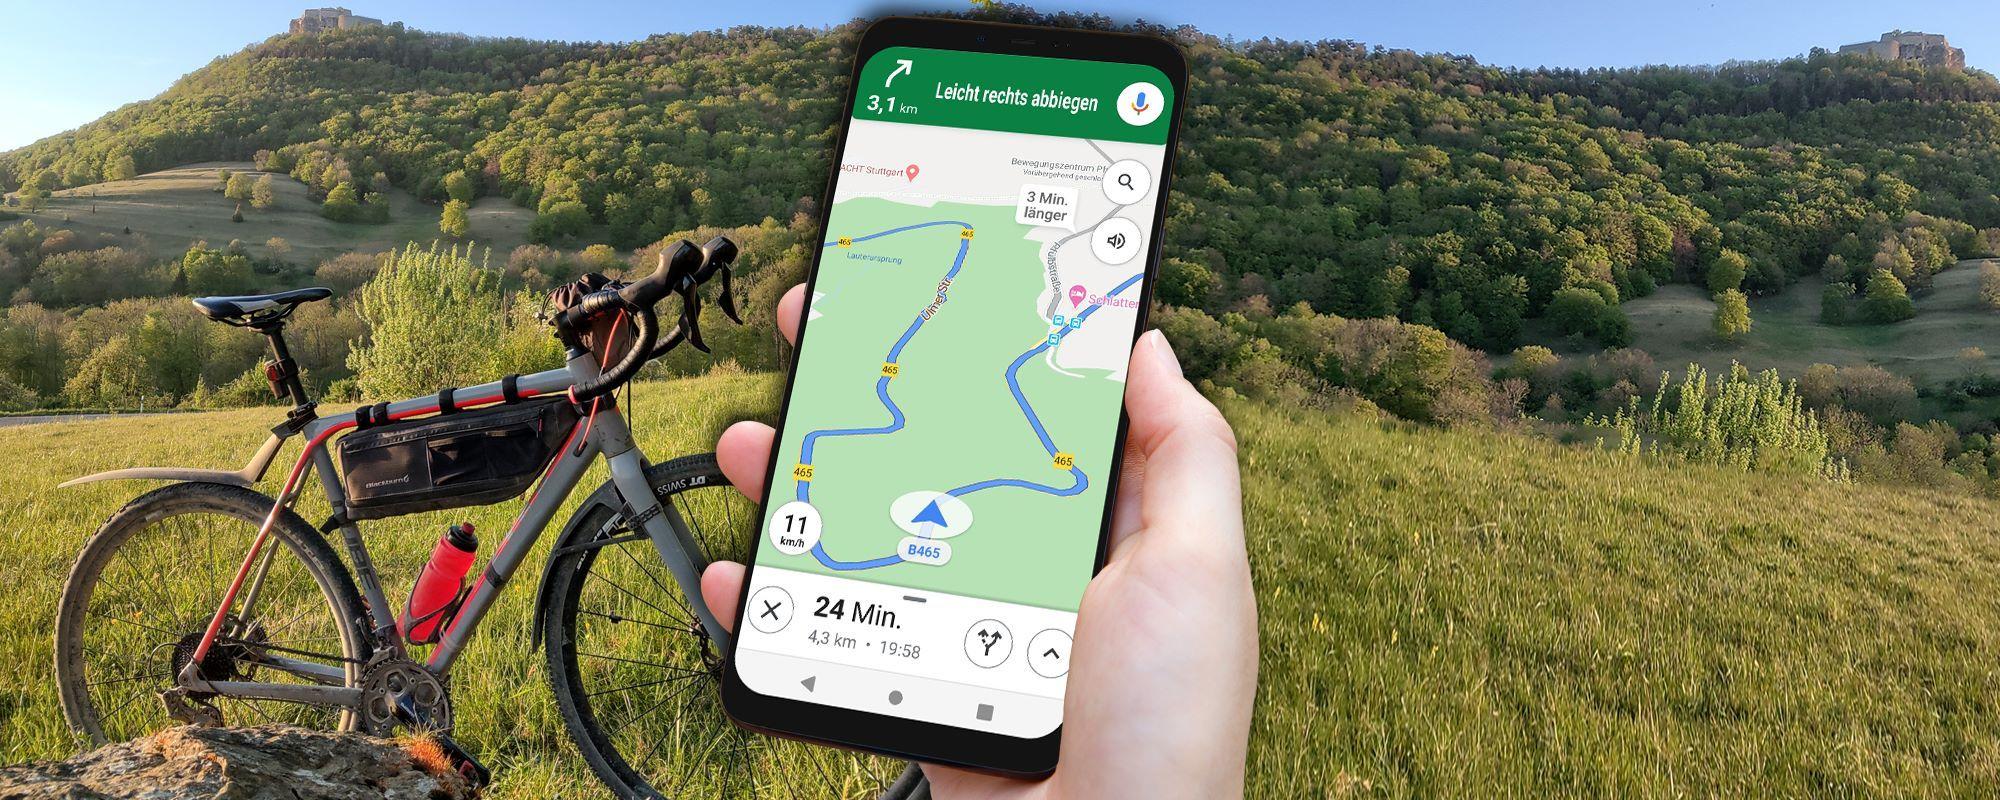 Google Maps Fahrrad Navigation – Wie gut ist Google Maps fürs Fahrrad? (Vollständige Anleitung)